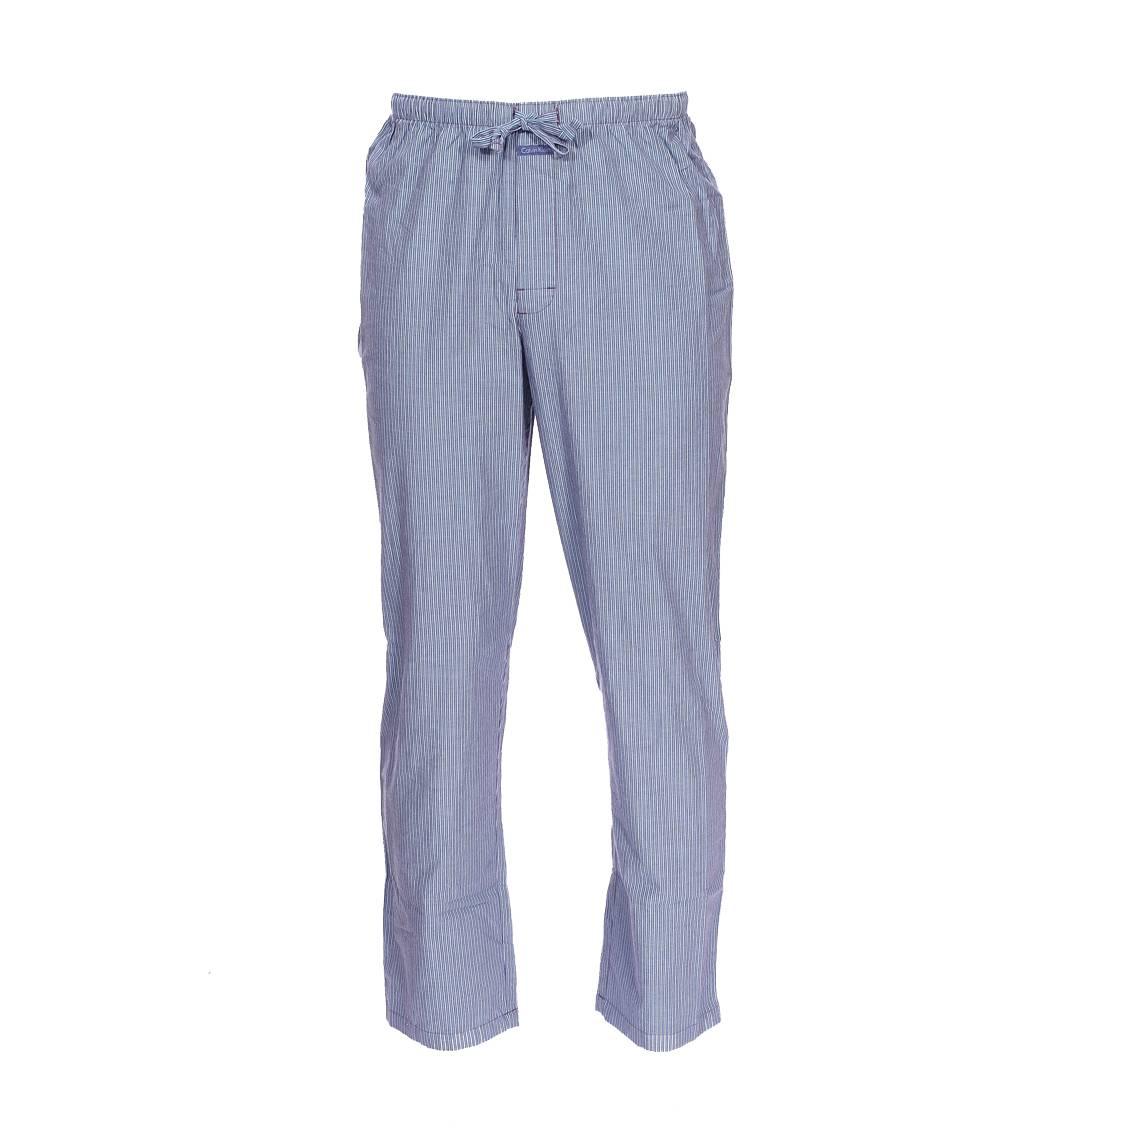 Pantalon de pyjama calvin klein en coton bleu indigo à rayures